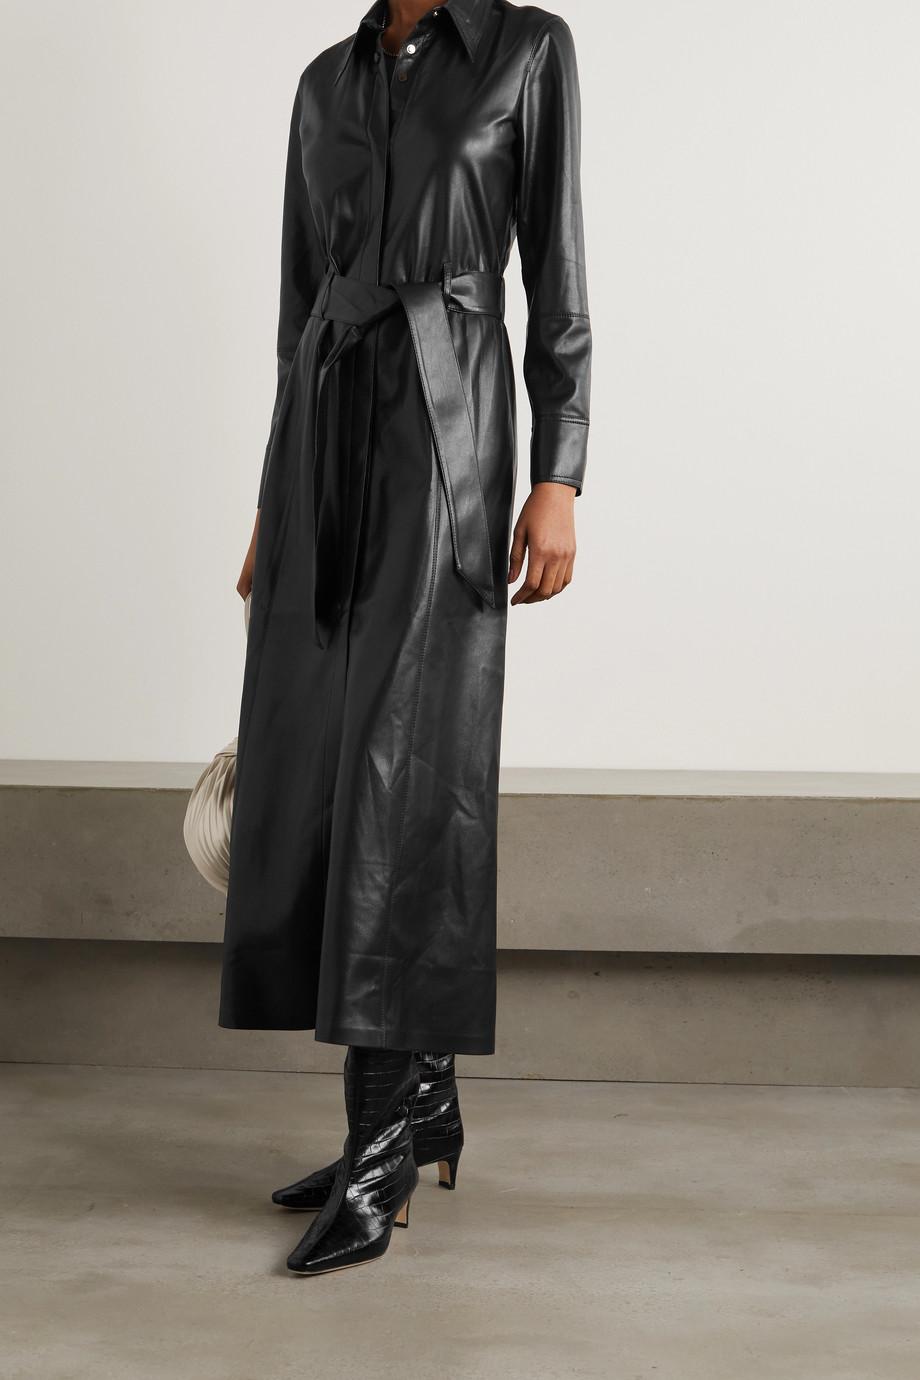 Nanushka Asayo Midi-Hemdblusenkleid aus veganem Leder mit Bindegürtel